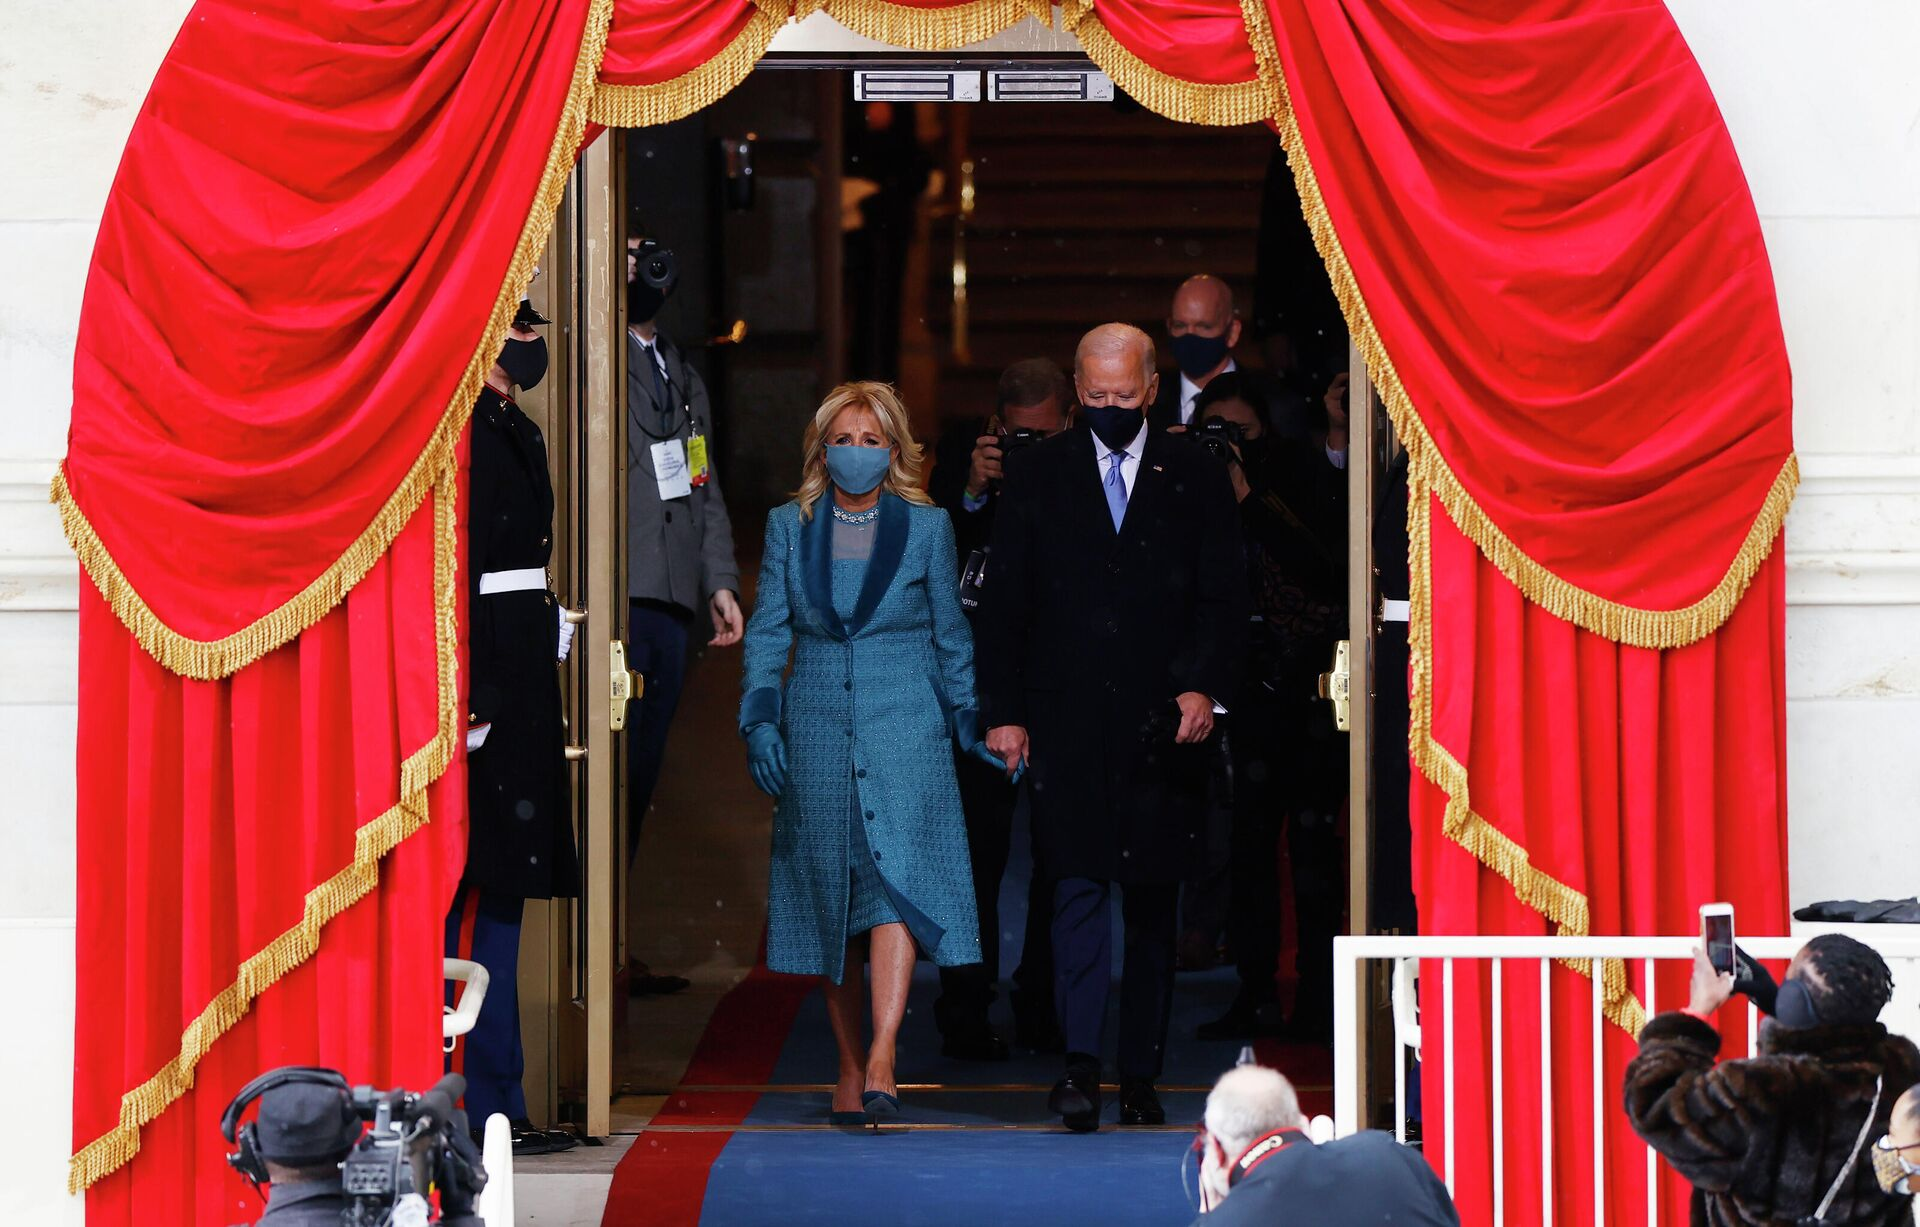 Избранный президент США Джозеф Байден с супругой Джилл во время инаугурации - РИА Новости, 1920, 21.01.2021